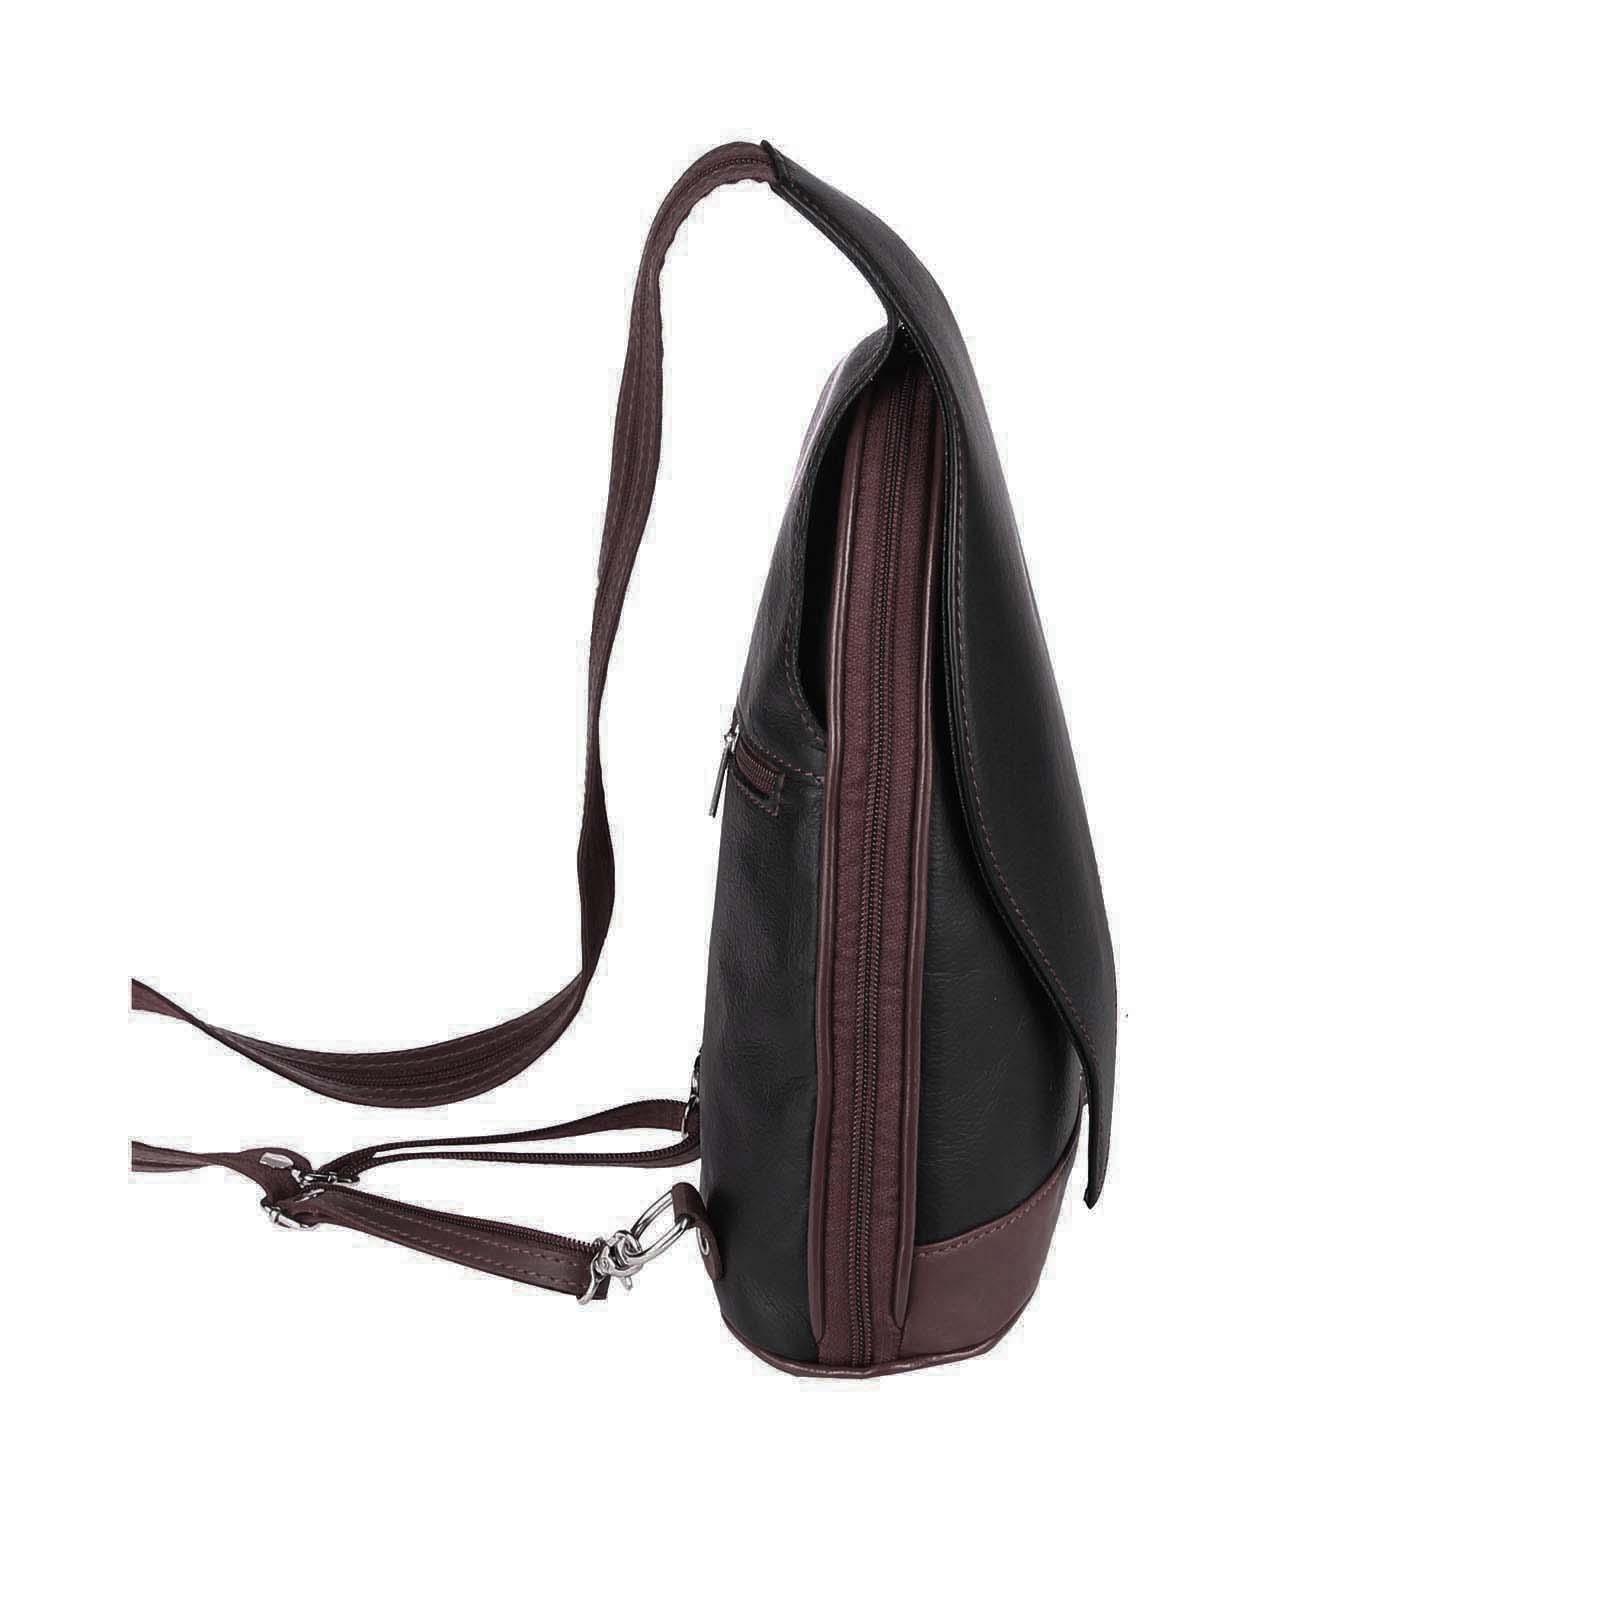 ITALY-DAMEN-LEDER-RUCKSACK-Schulter-Tasche-Reise-BACKPACK-Lederrucksack-it-BAG Indexbild 65